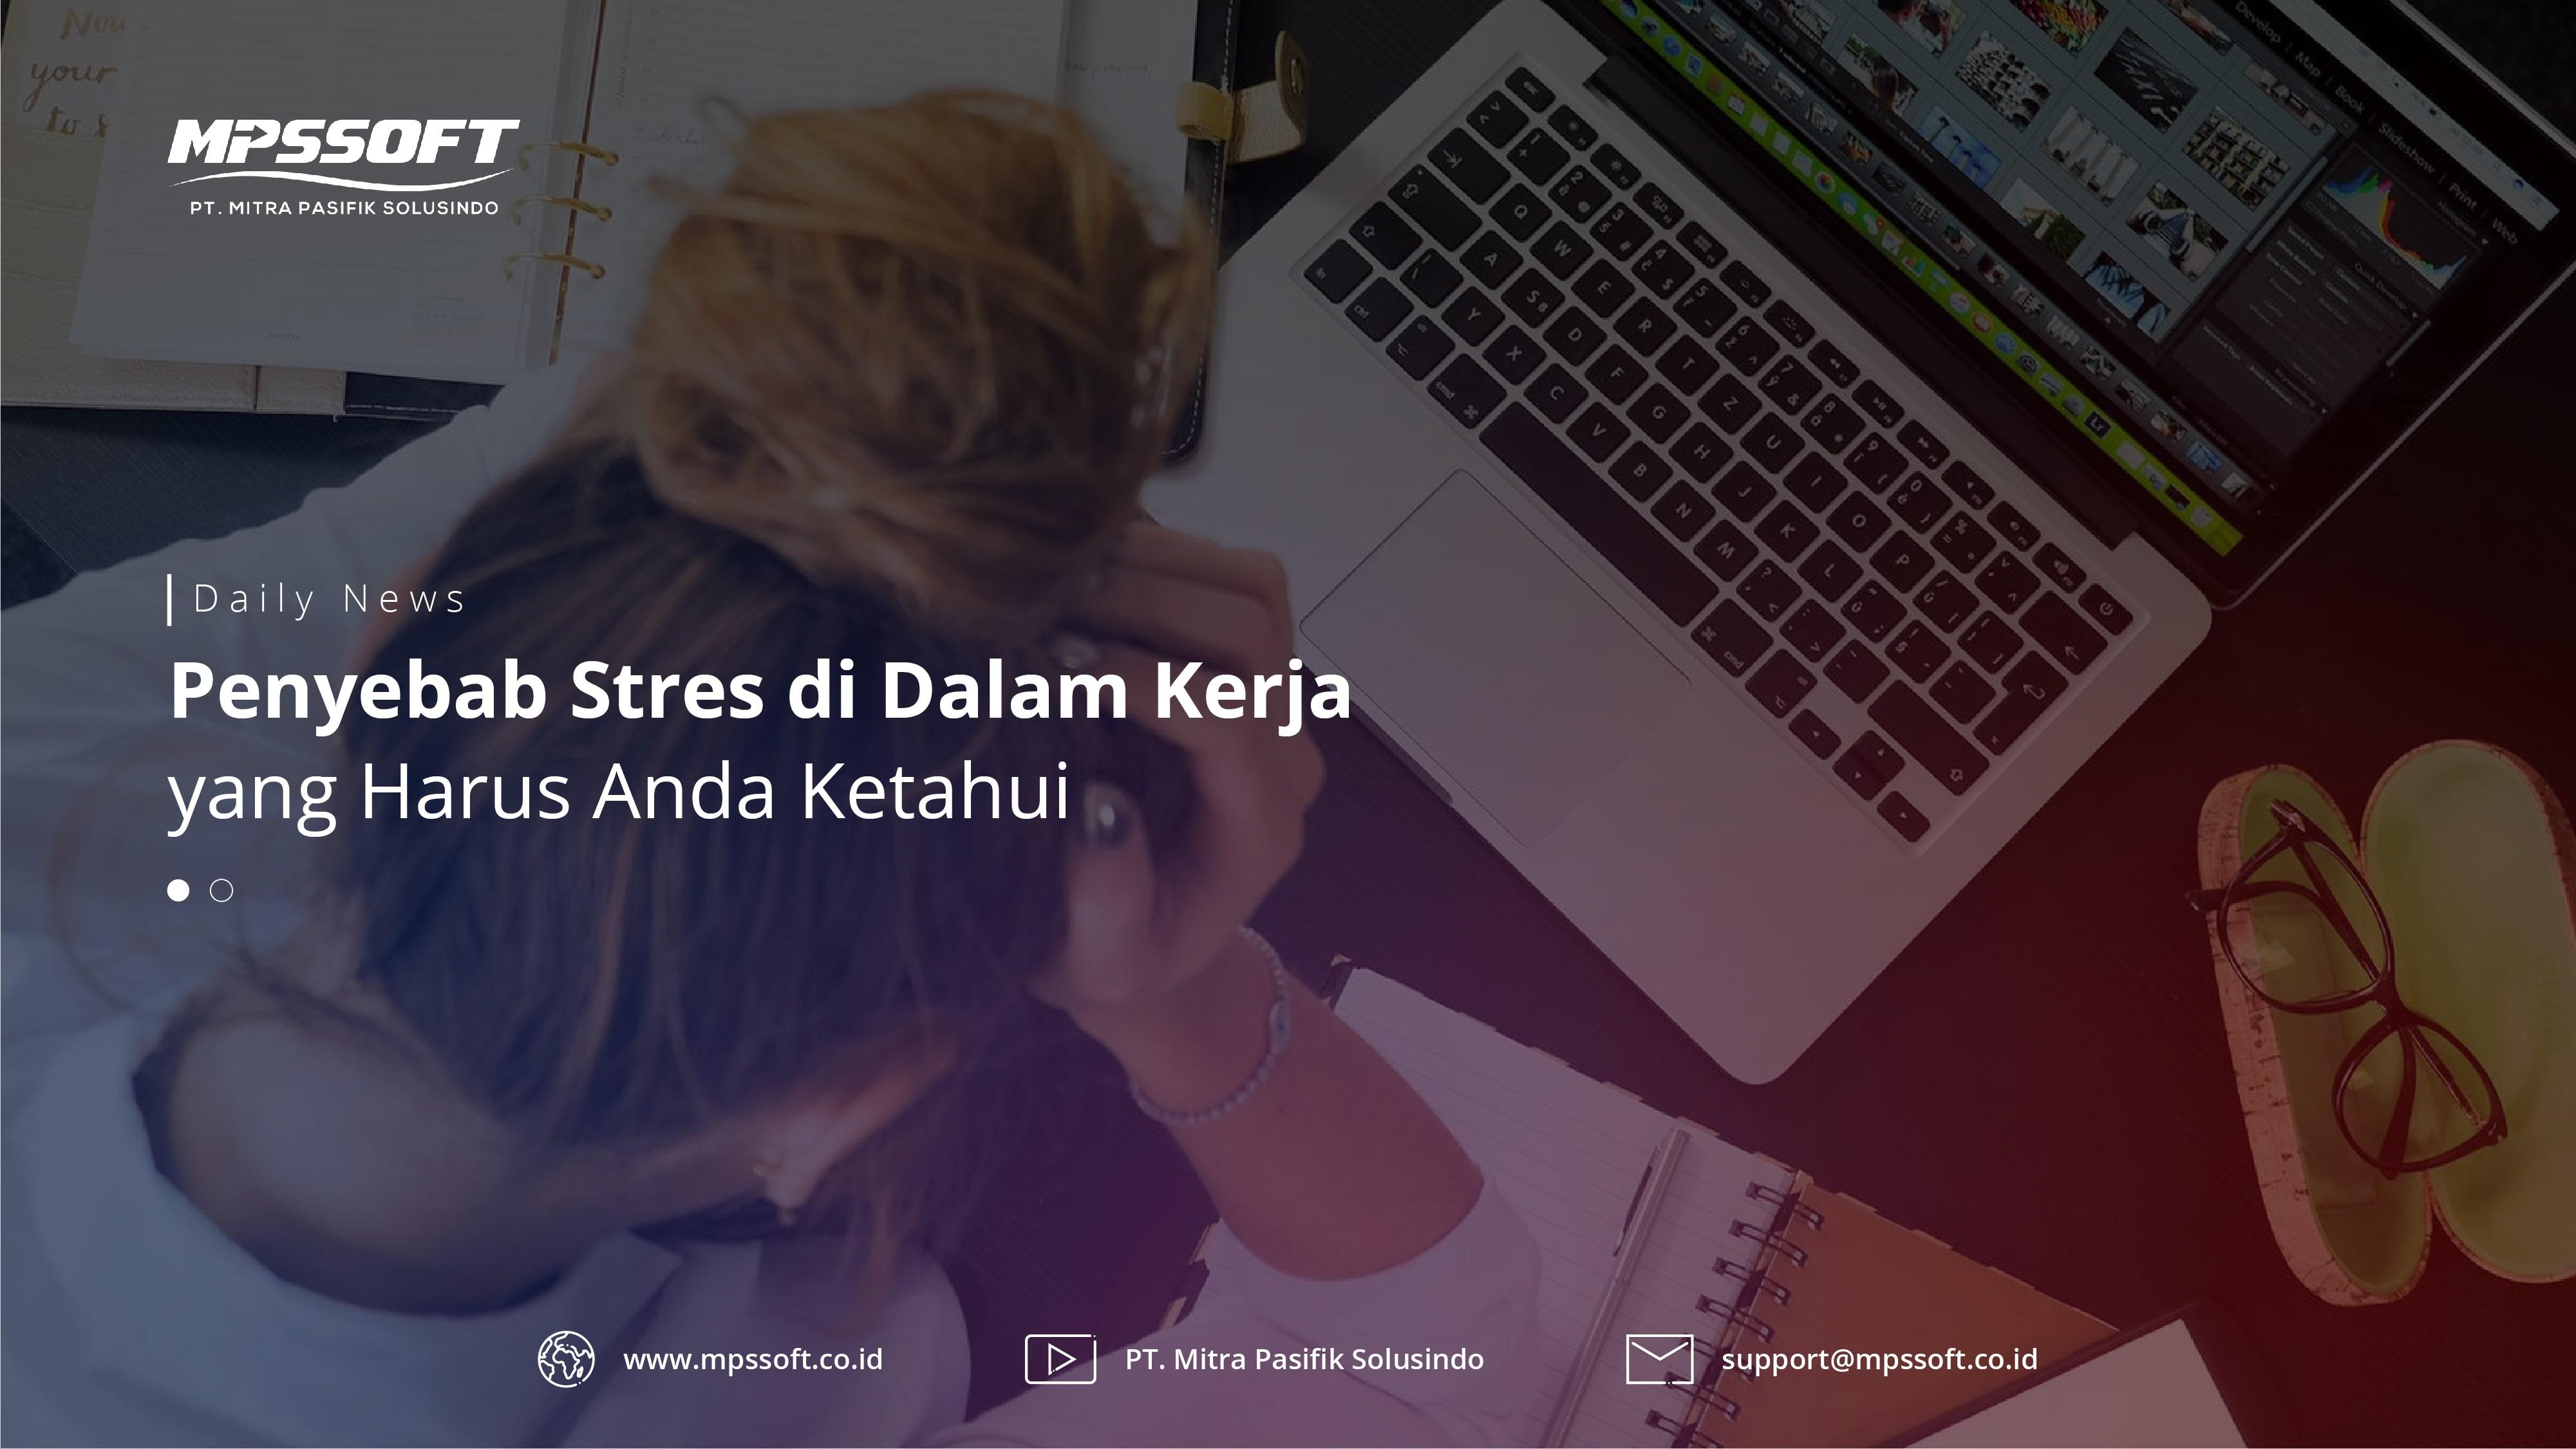 Penyebab Stres Didalam Kerja yang Harus Anda Ketahui